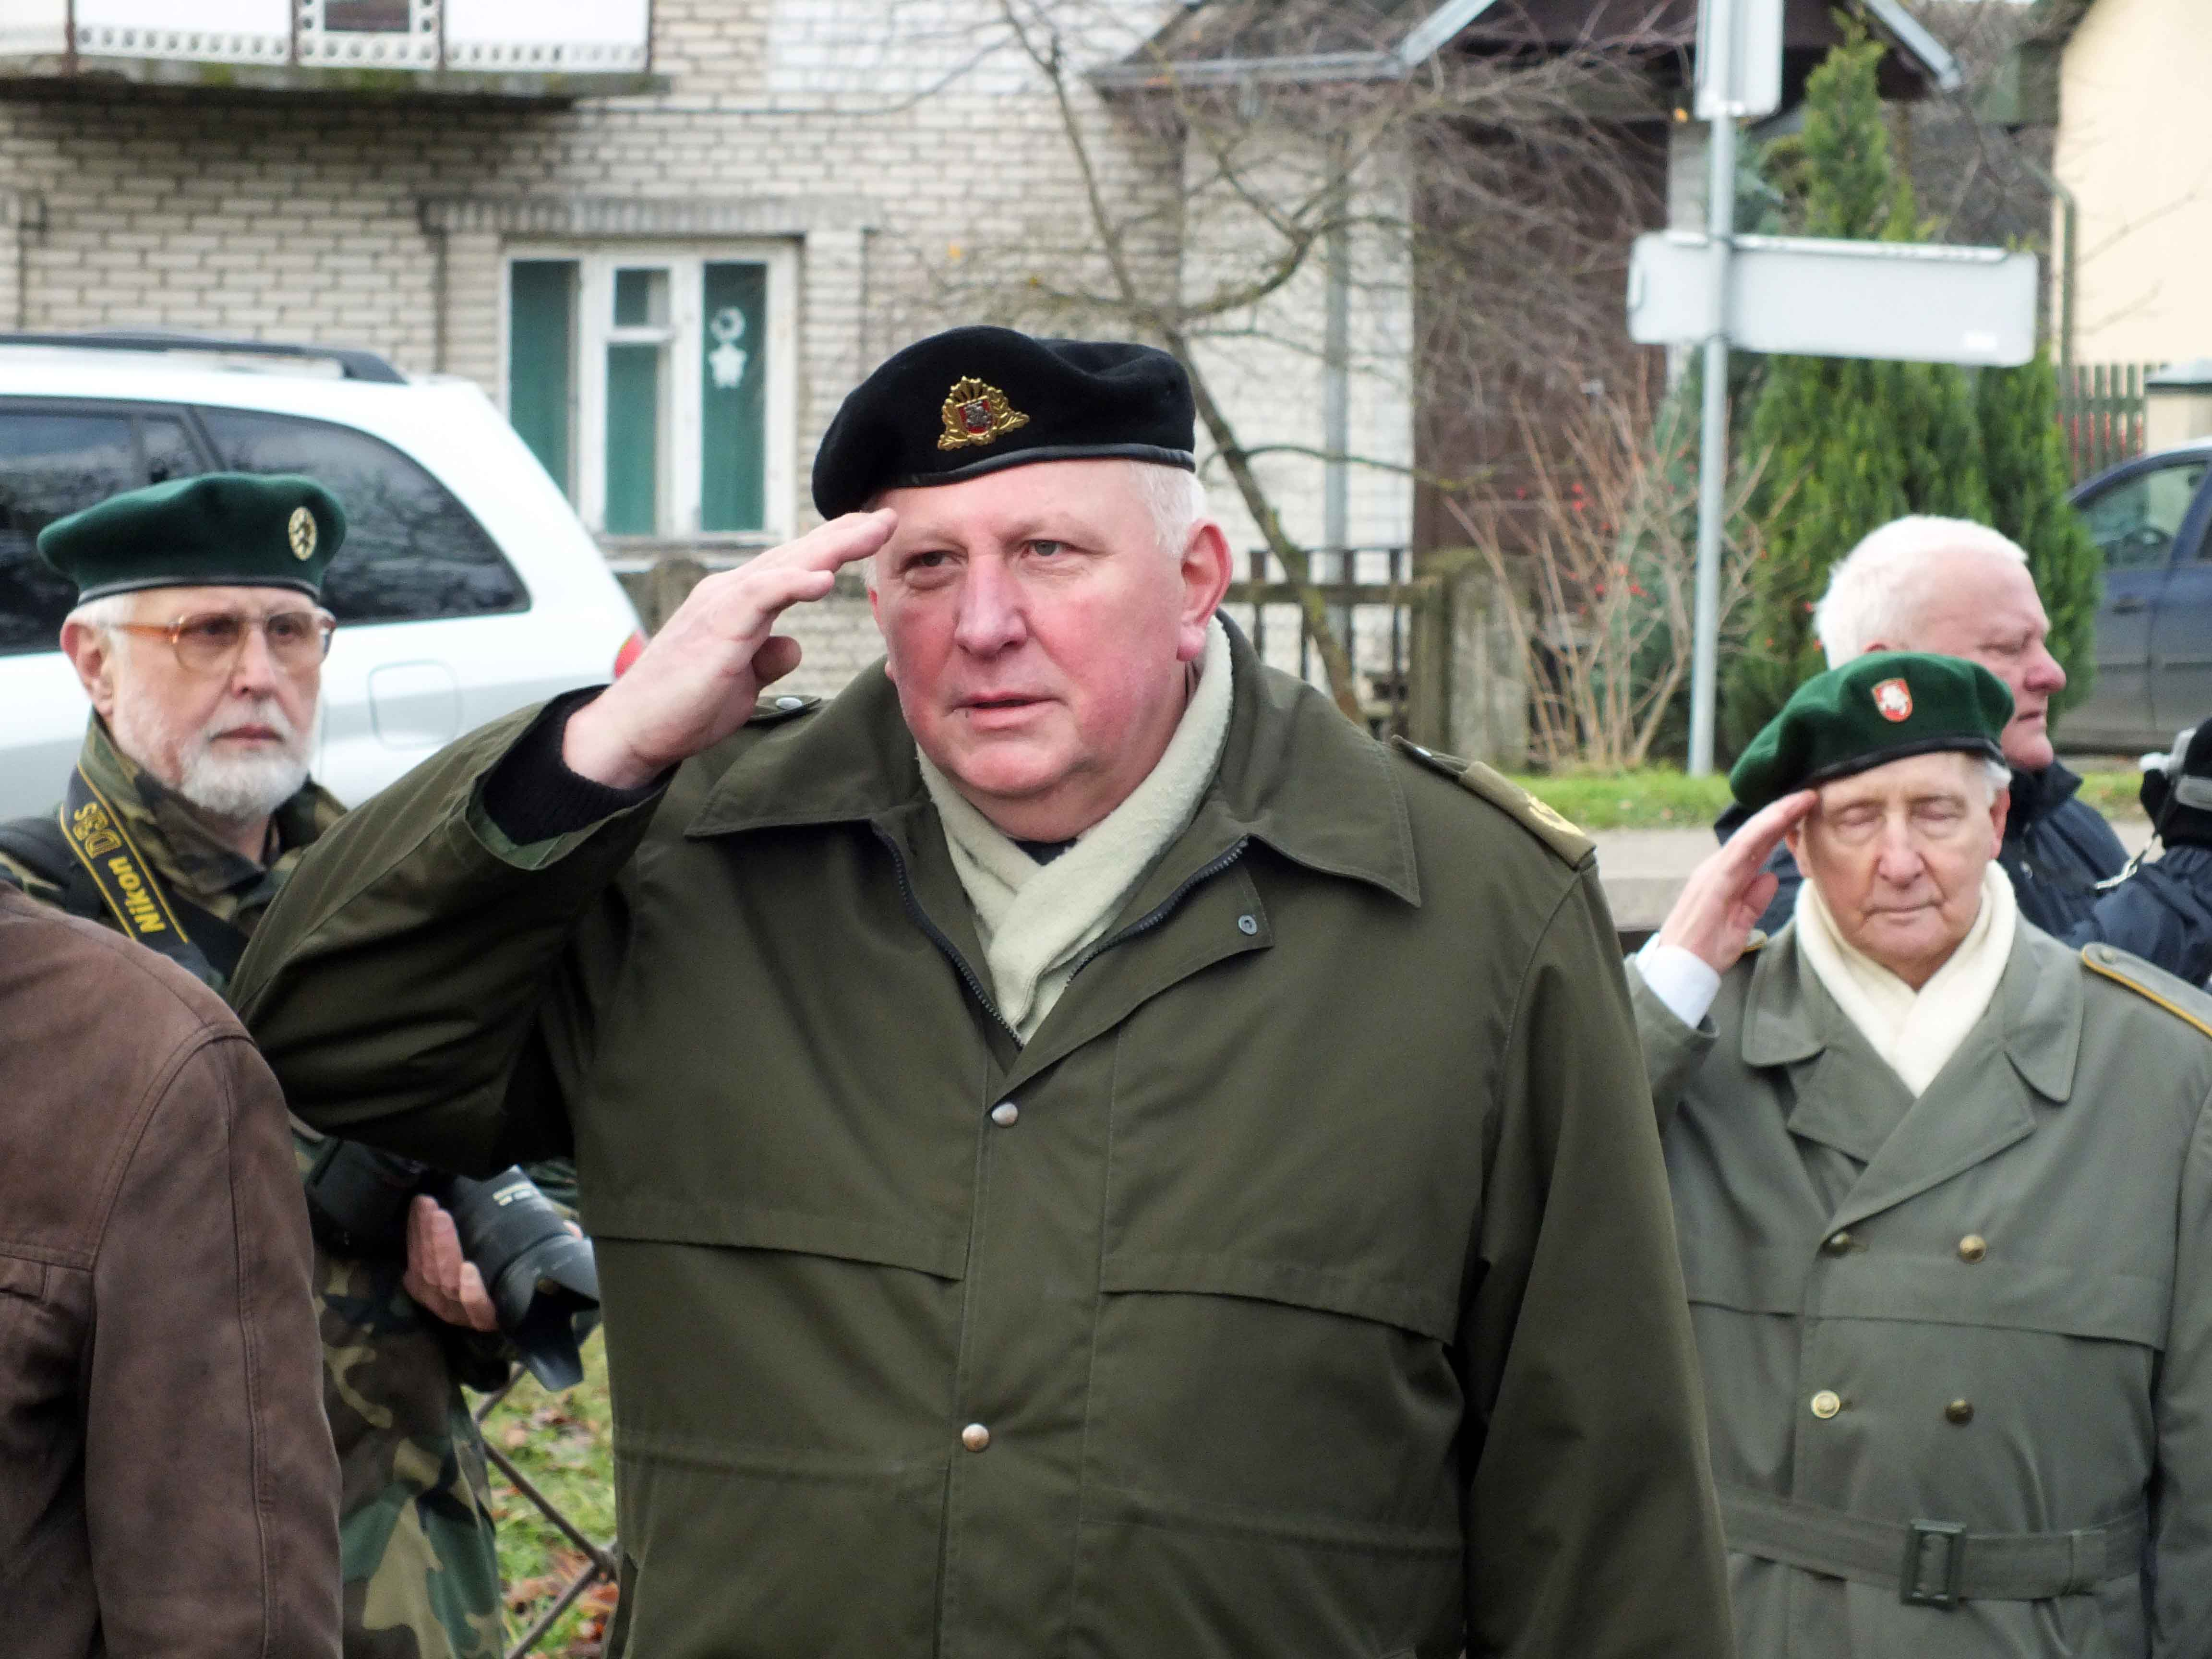 Iškilmių vedėjas dim. mjr. Gediminas Reutas | P. Šimkavičiaus nuotr.